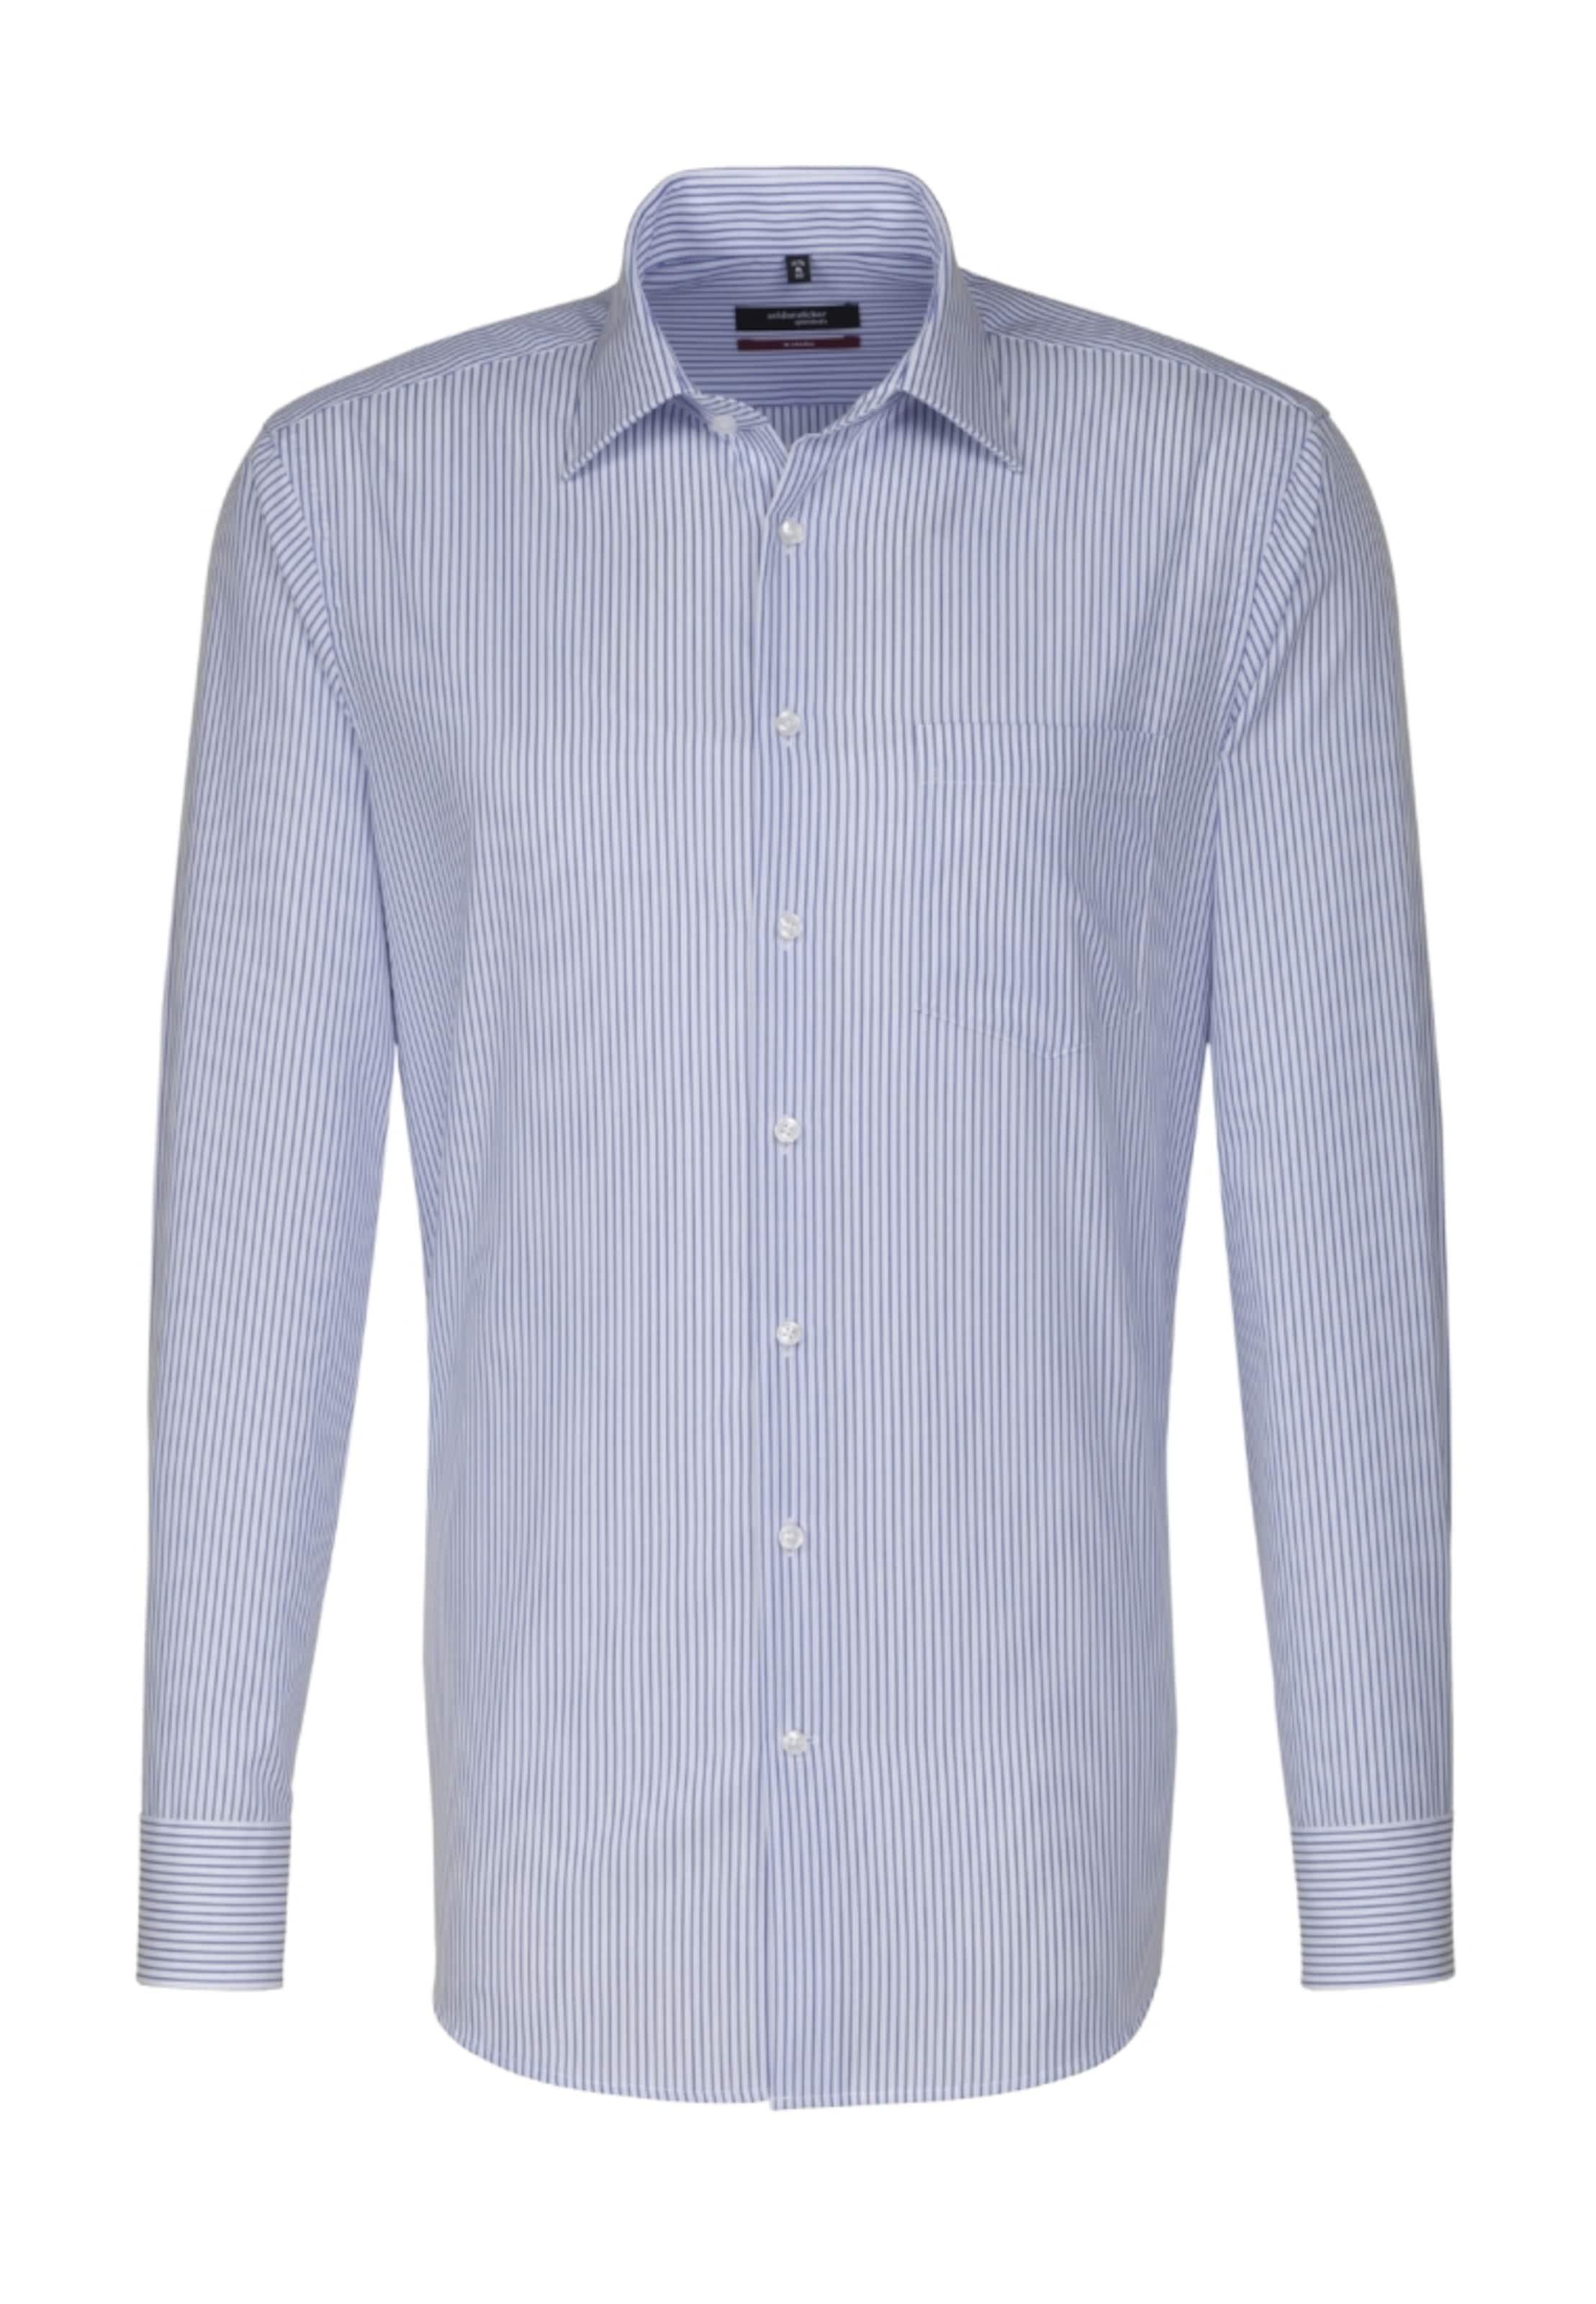 In hemd Seidensticker City 'modern' Blau uFTKc35lJ1